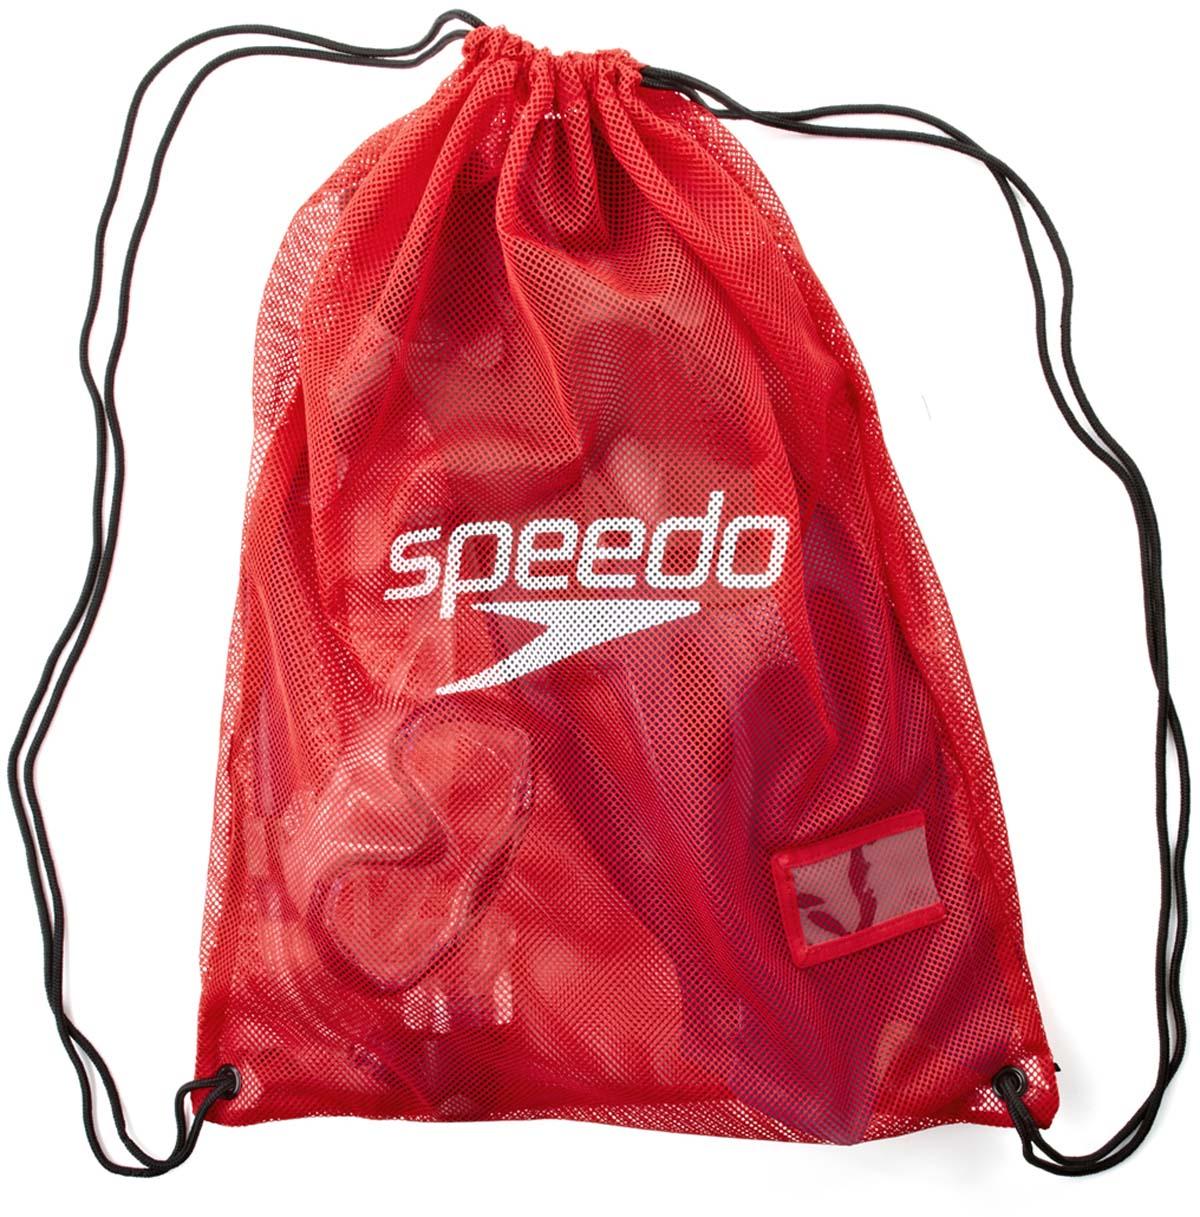 Мешок для мокрых вещей Speedo, цвет: красный8-074076446Легкий и водонепроницаемый мешок идеально подходит для хранения очков, шапочки и других личных вещей во время посещения бассейна.